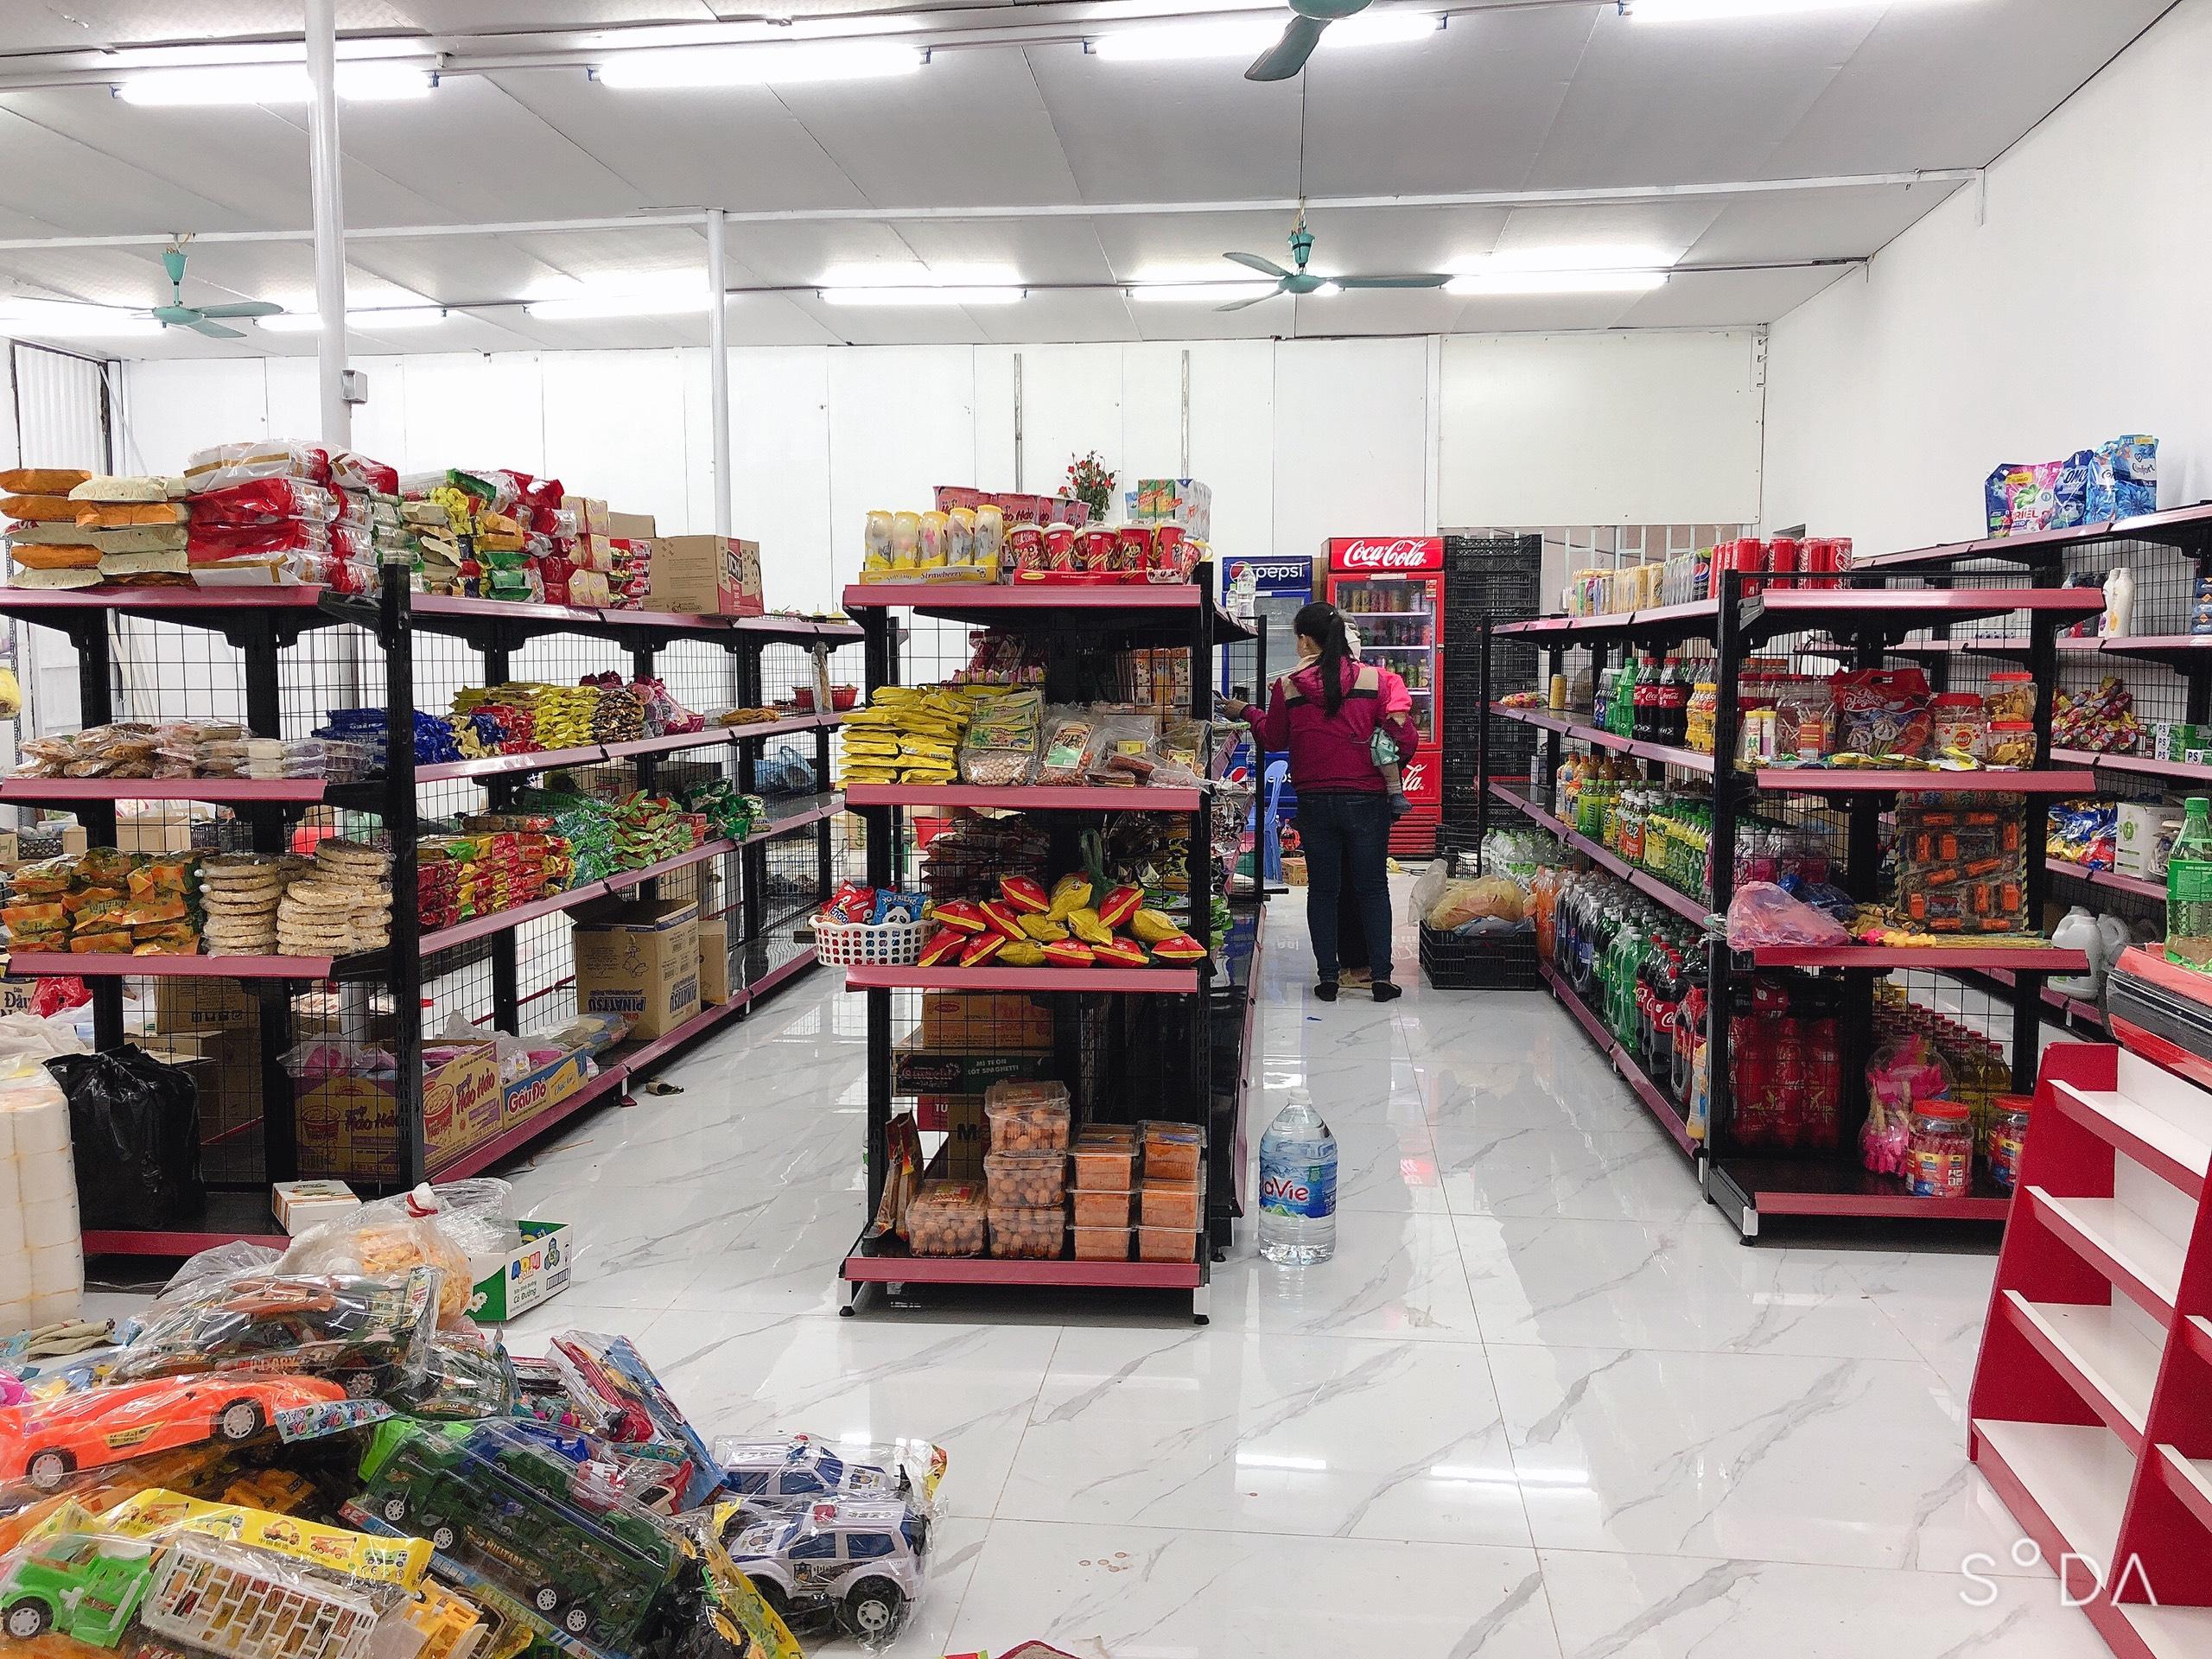 kệ siêu thị quận Từ Liêm, Hà Nội